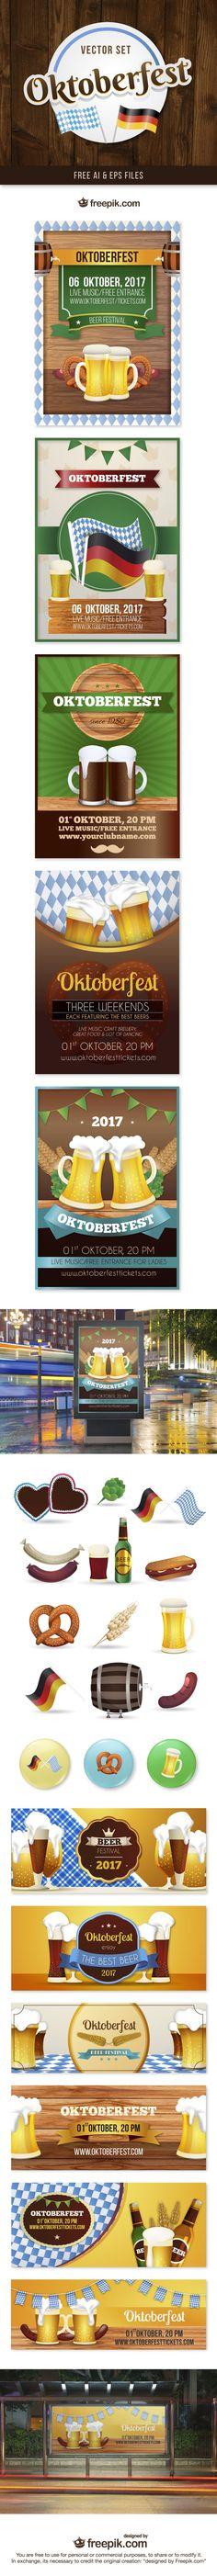 Free Oktoberfest Vector Set